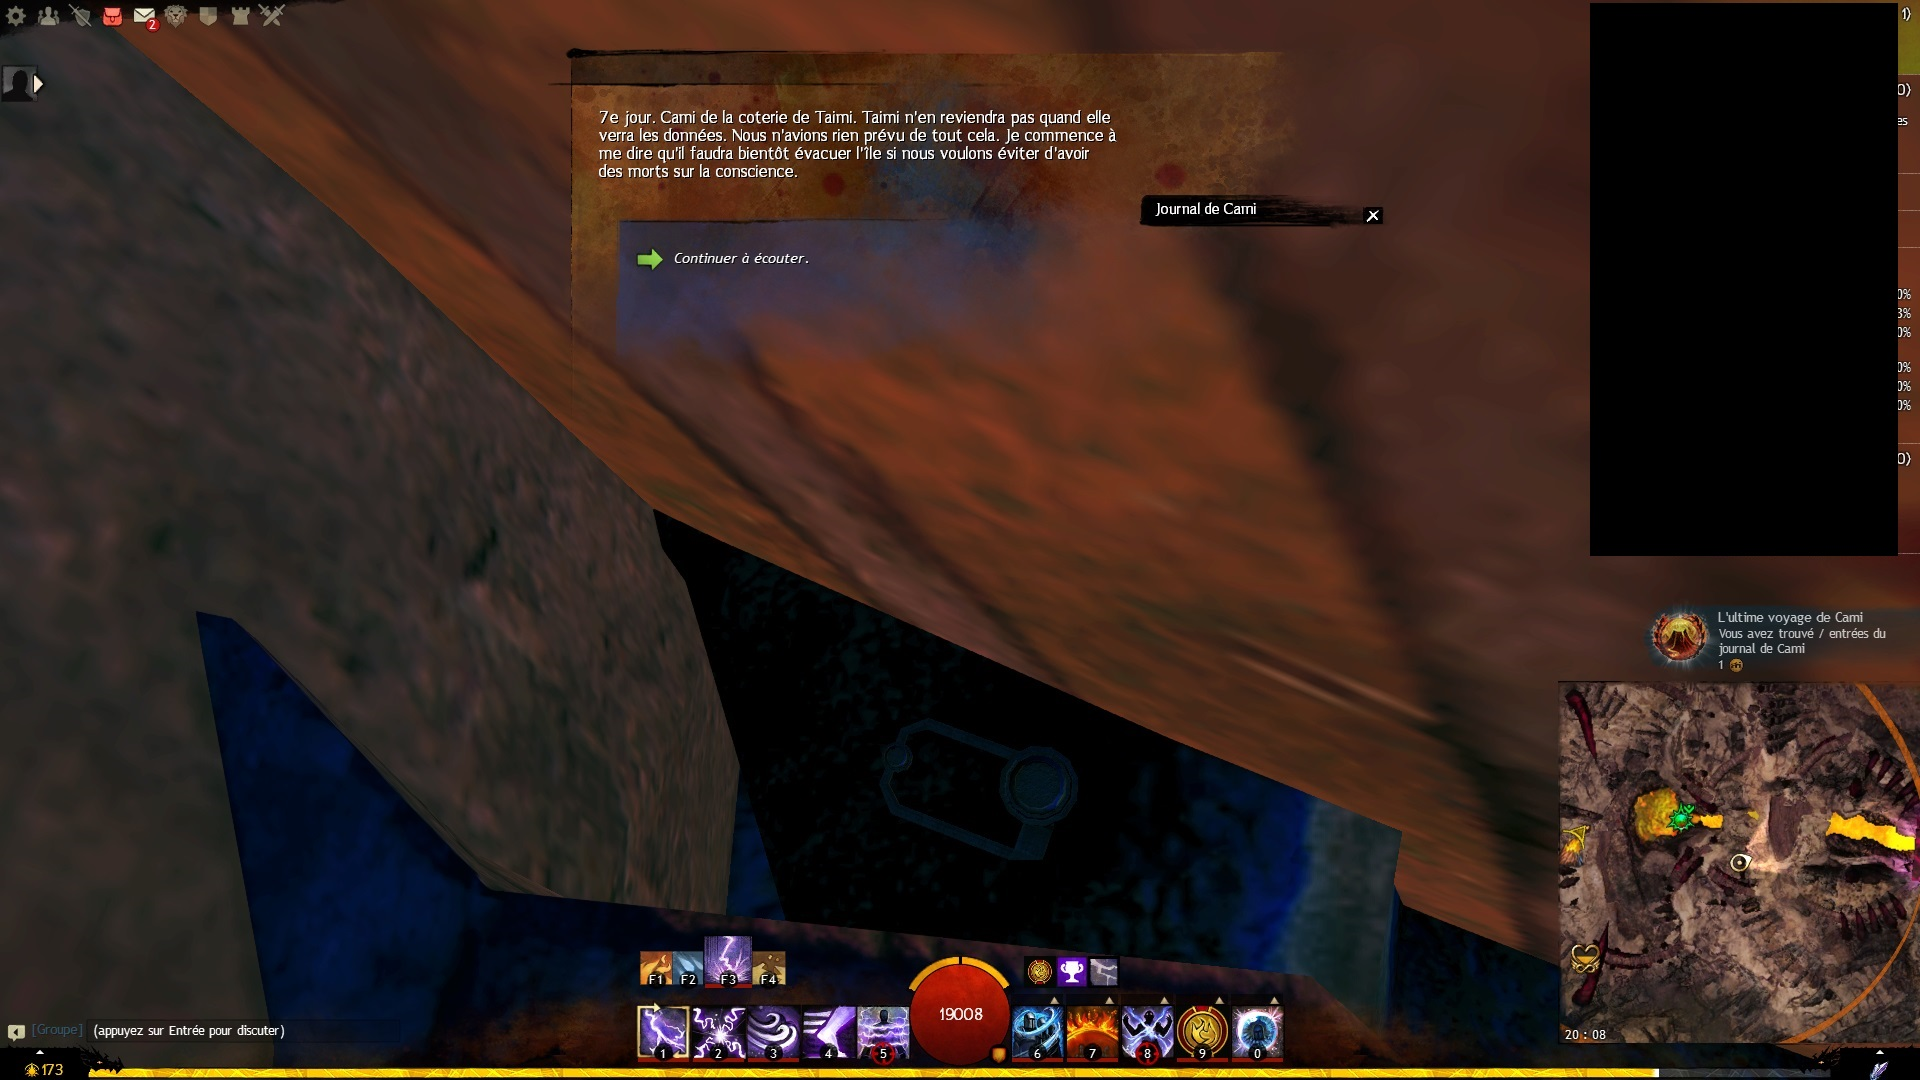 Titan Sopor (Ultime voyage de Cami)